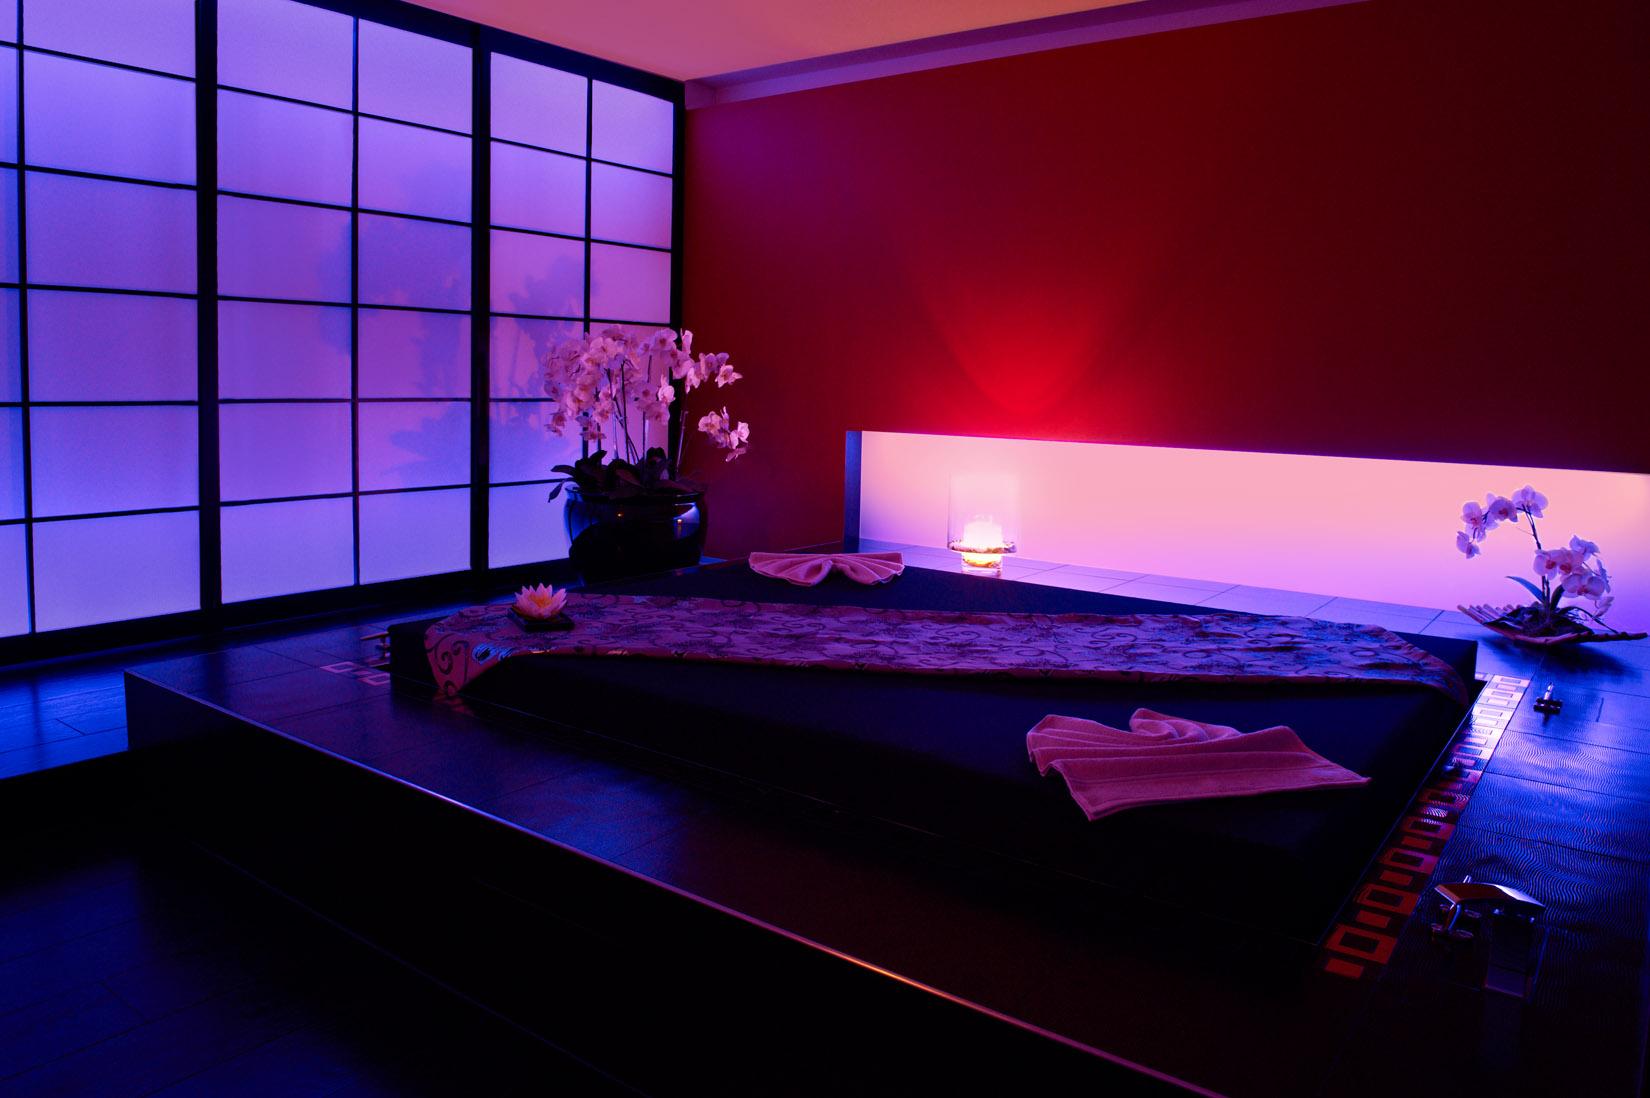 erotische massage videos kostenlos erotische massage zürich